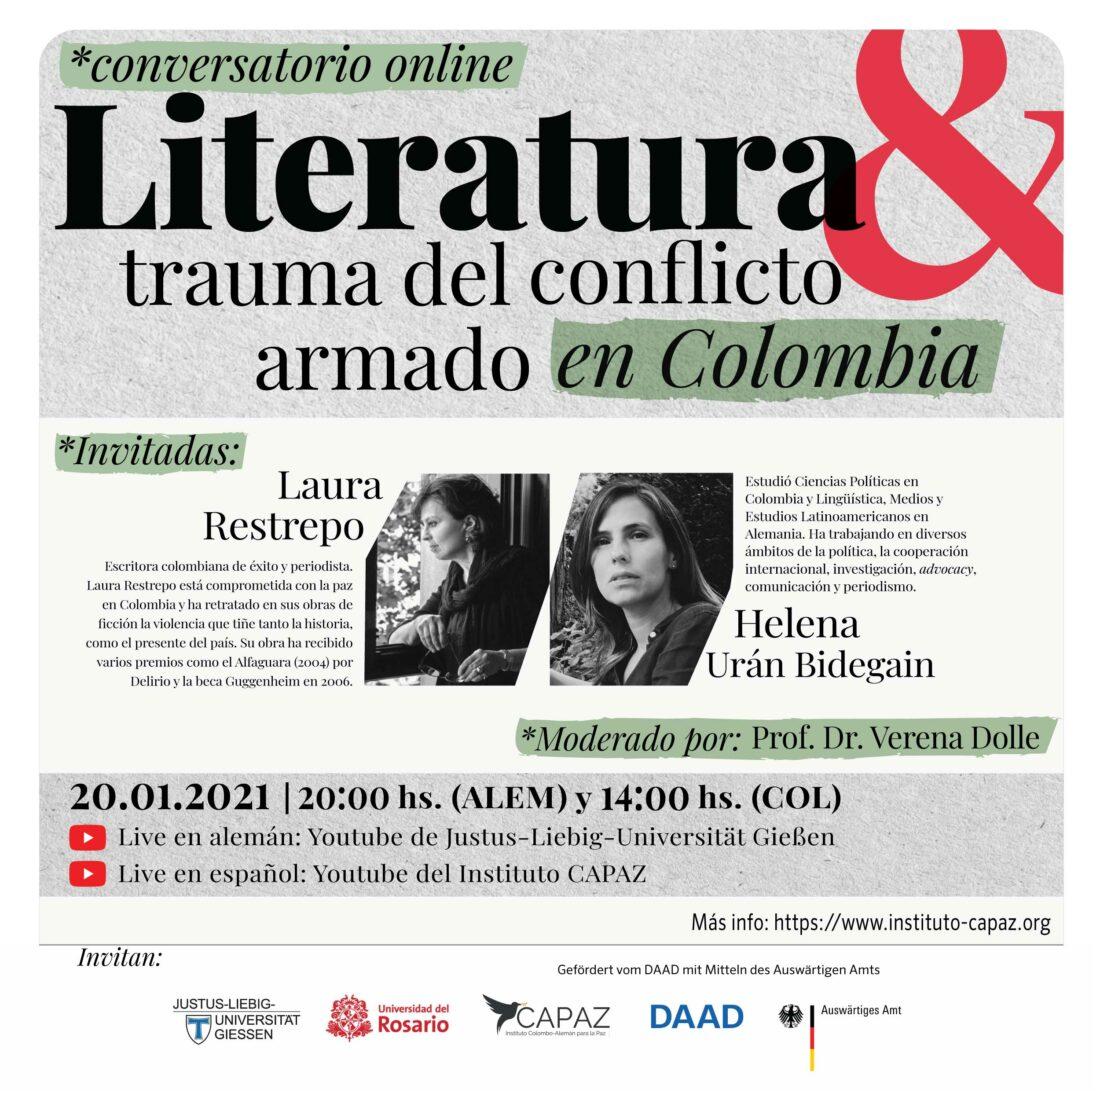 Flyer promocional conversatorio online Laura Restrepo y Helena Urán Bidegain